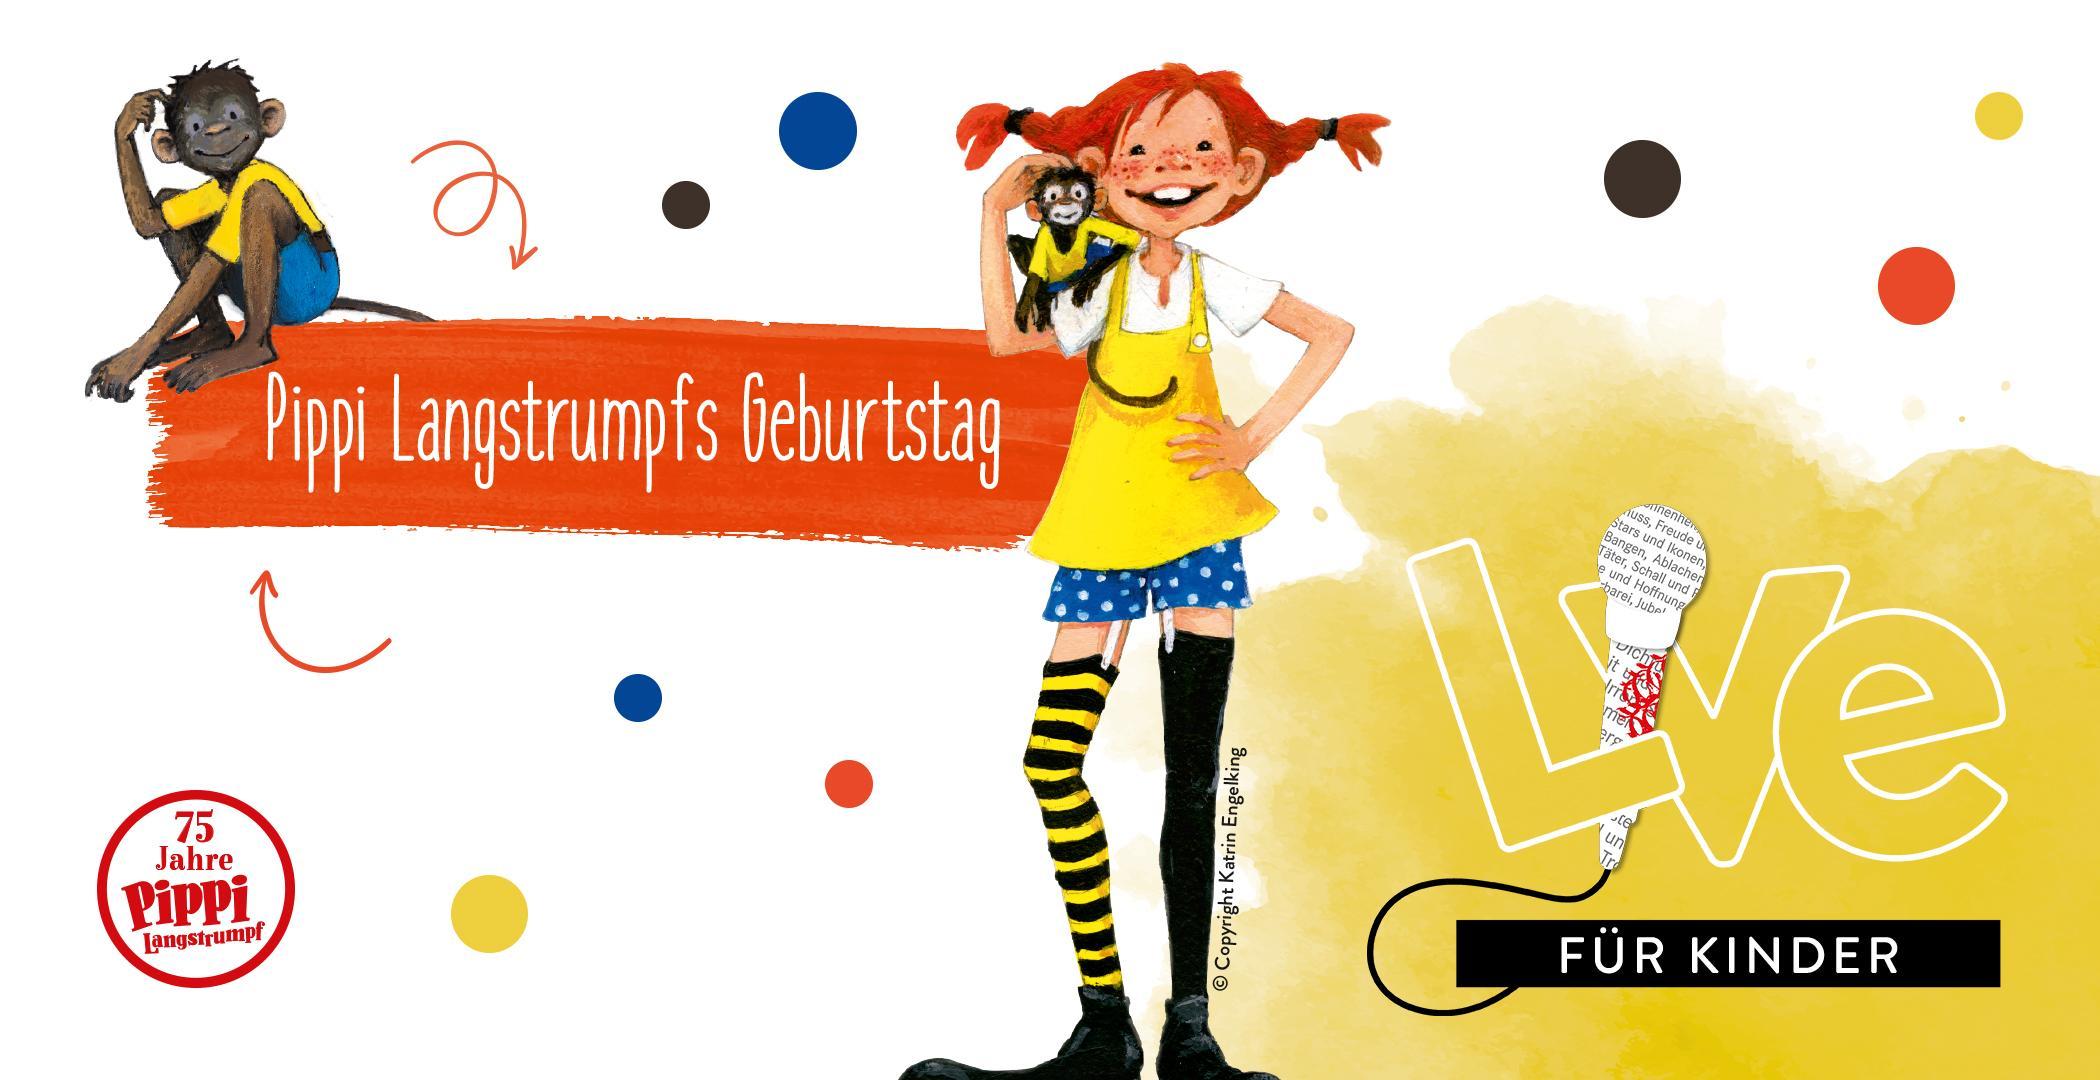 FÜR KINDER: Pippi Langstrumpfs Geburtstag